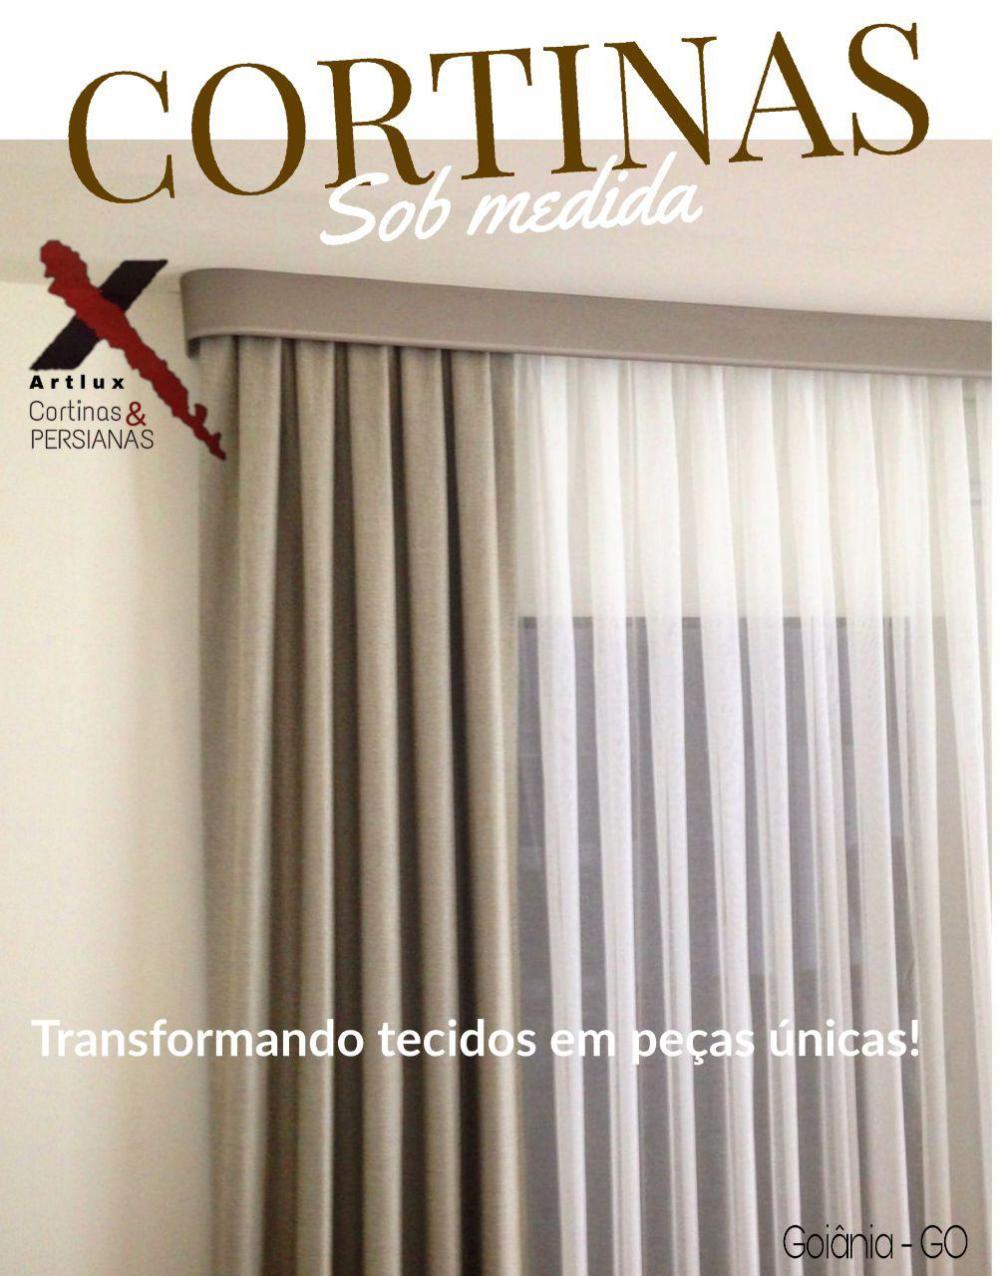 CORTINAS MODERNAS para Diferentes Ambientes - Cortinas de Tecido em Goiânia - GO